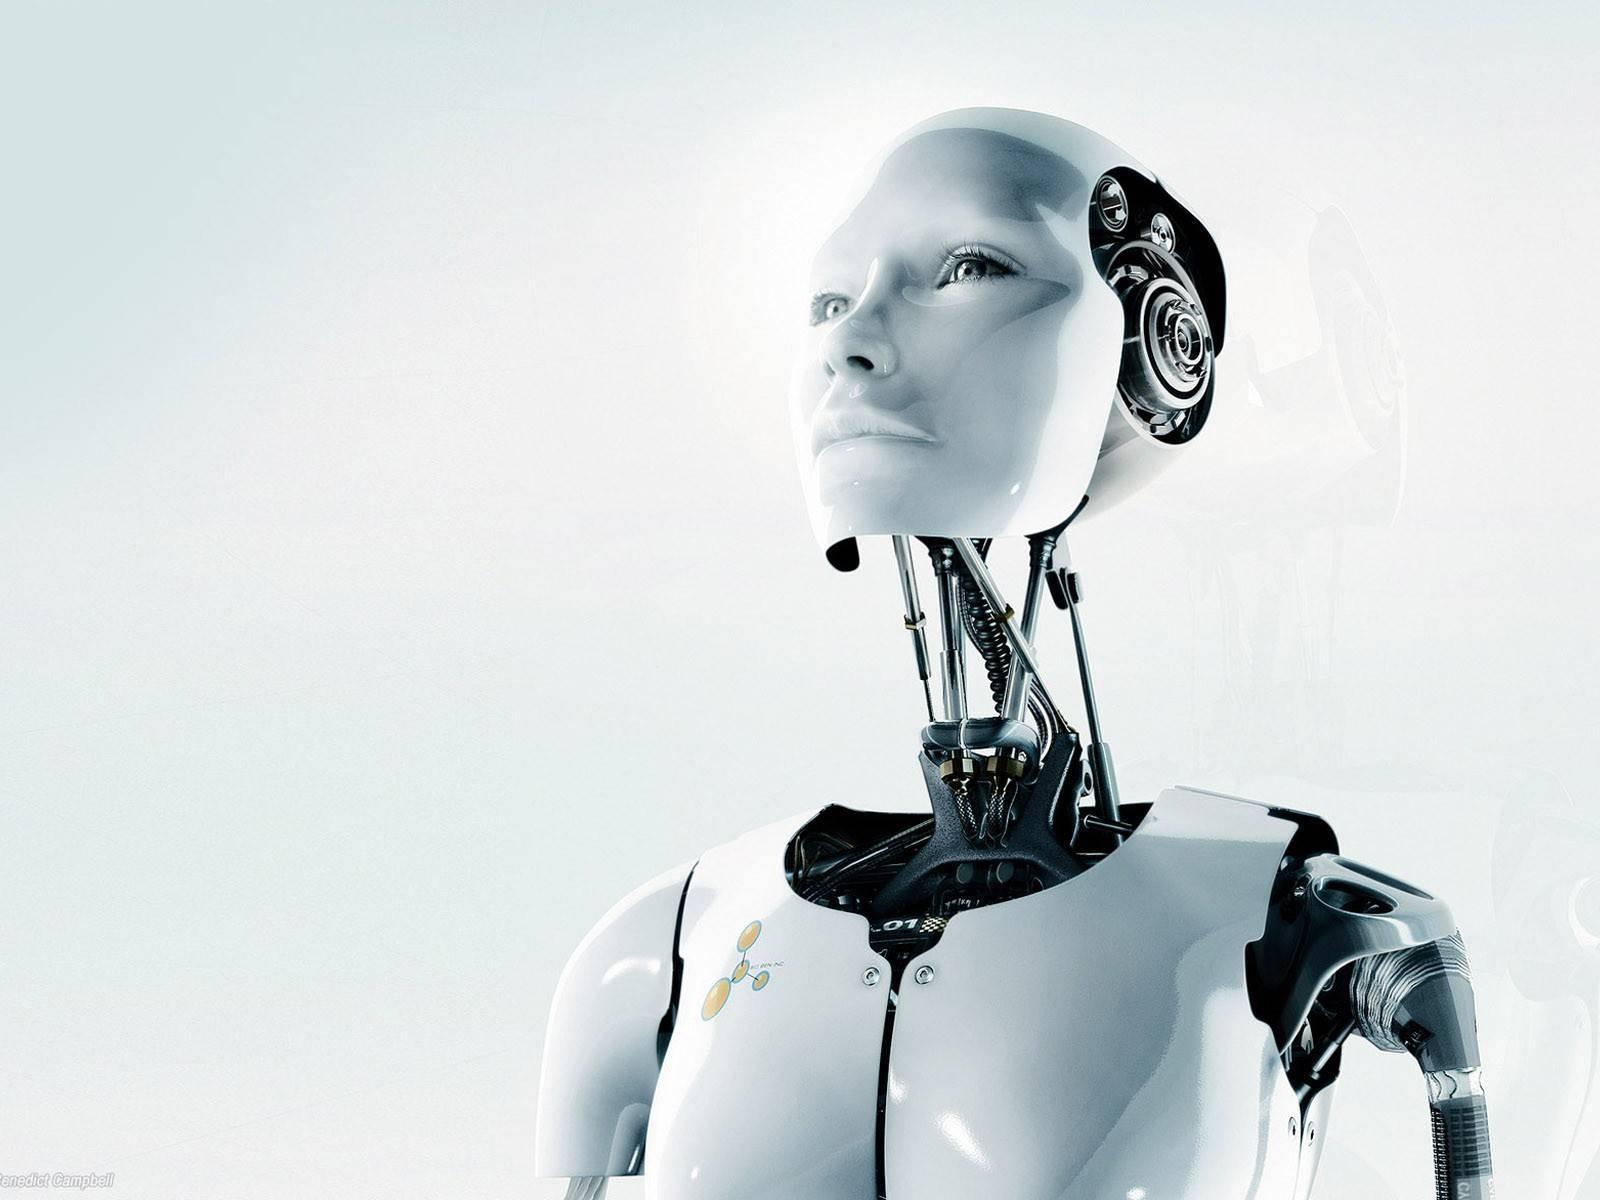 工信部将推进机器人产业向高端发展 防止行业无序竞争